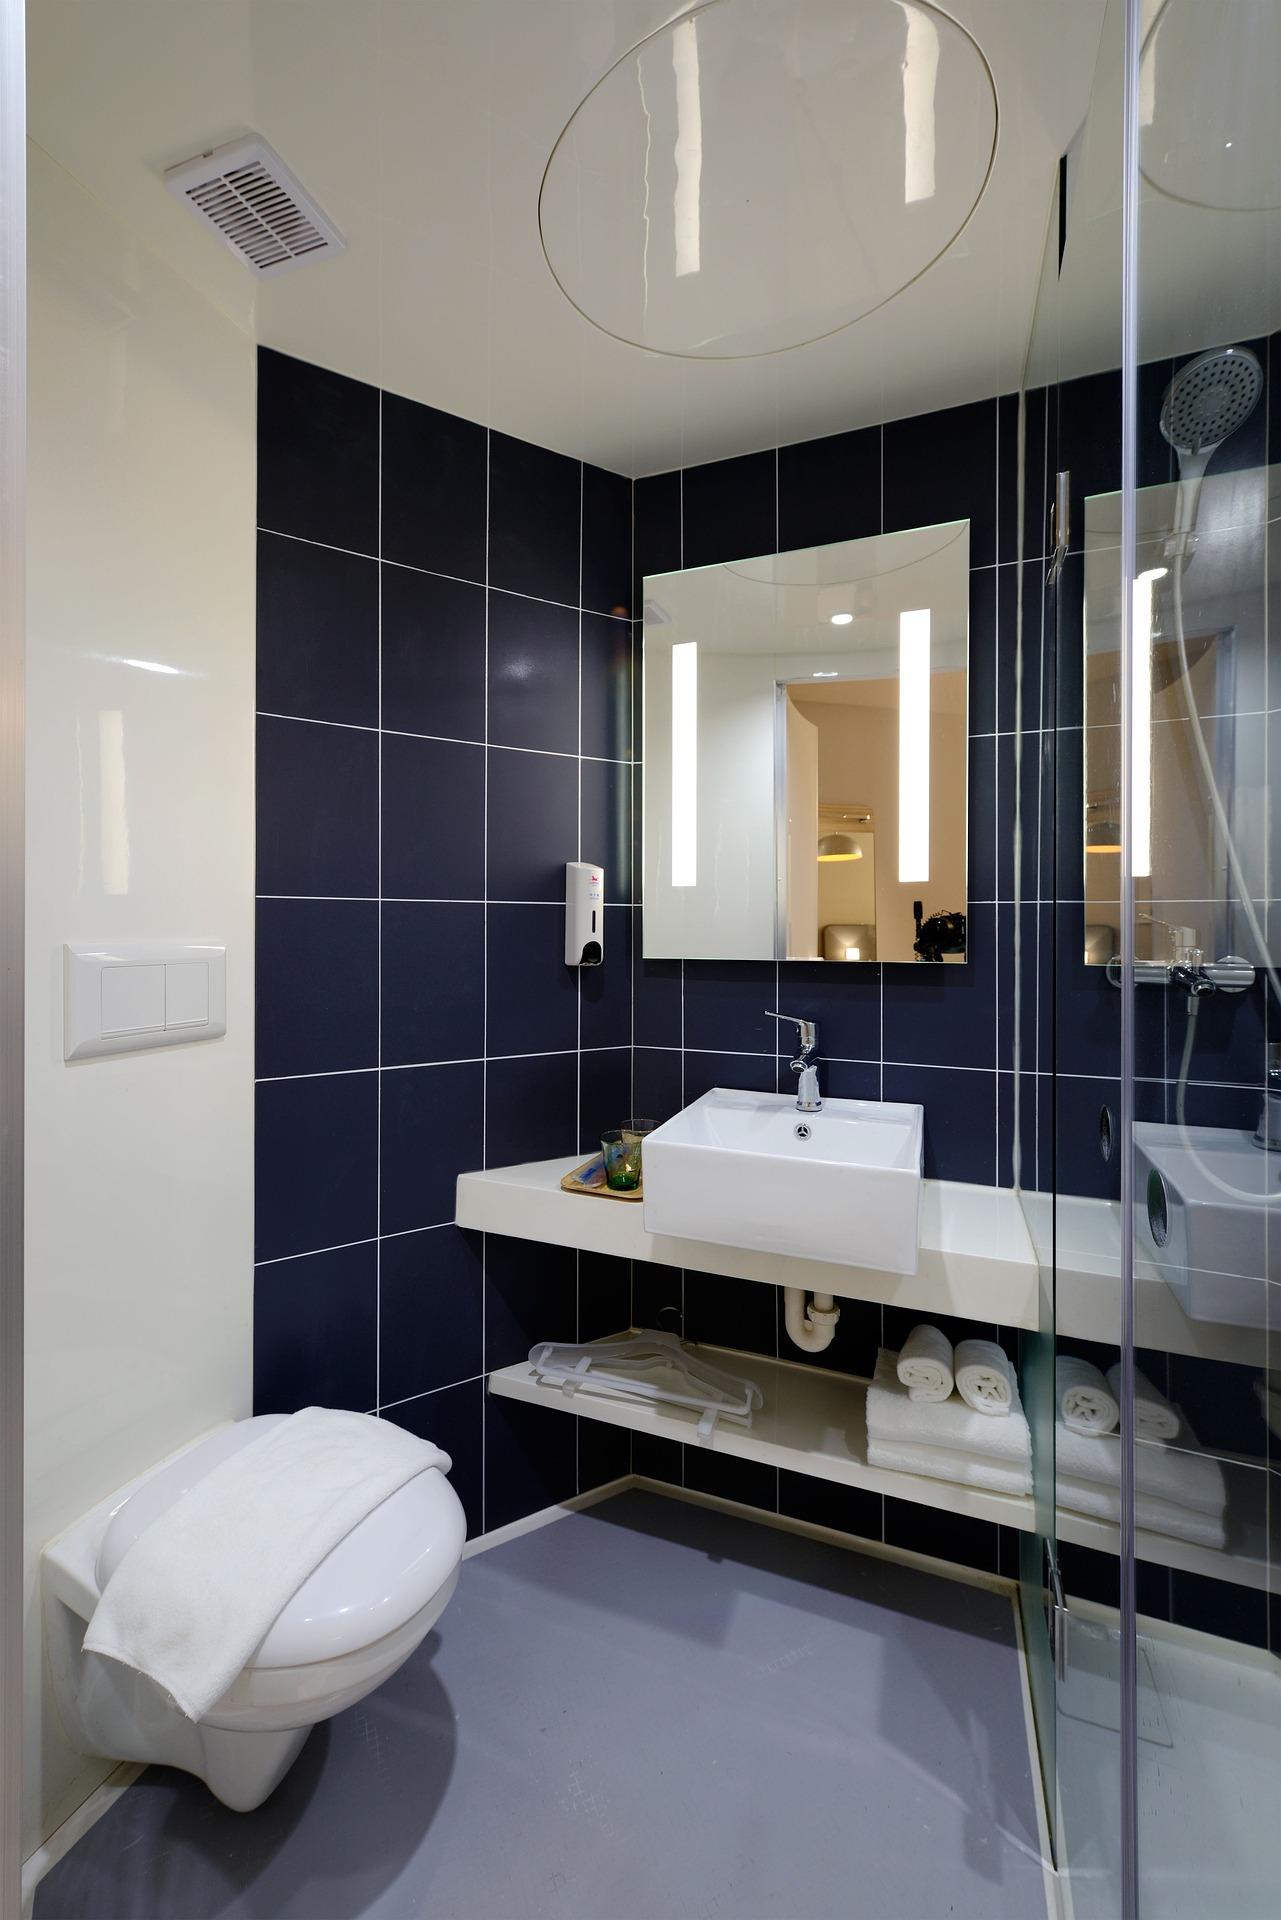 Salle De Bain Ancienne Maison ~ r nover salle de bain ancienne maison moderne douche